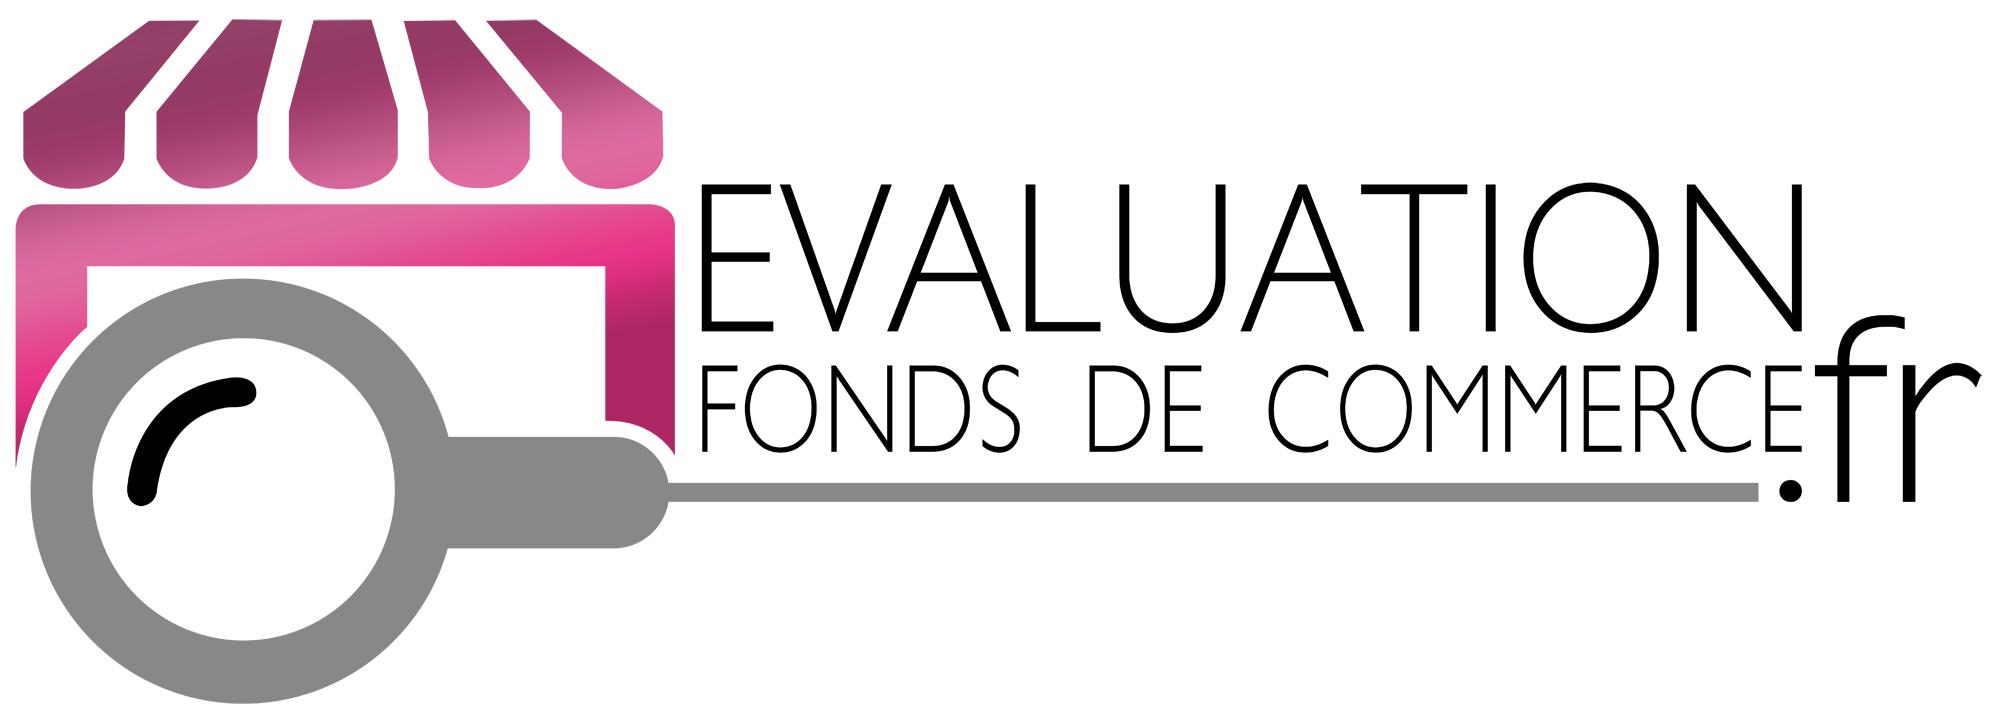 logo-evaluation-fonds-de-commerce-web